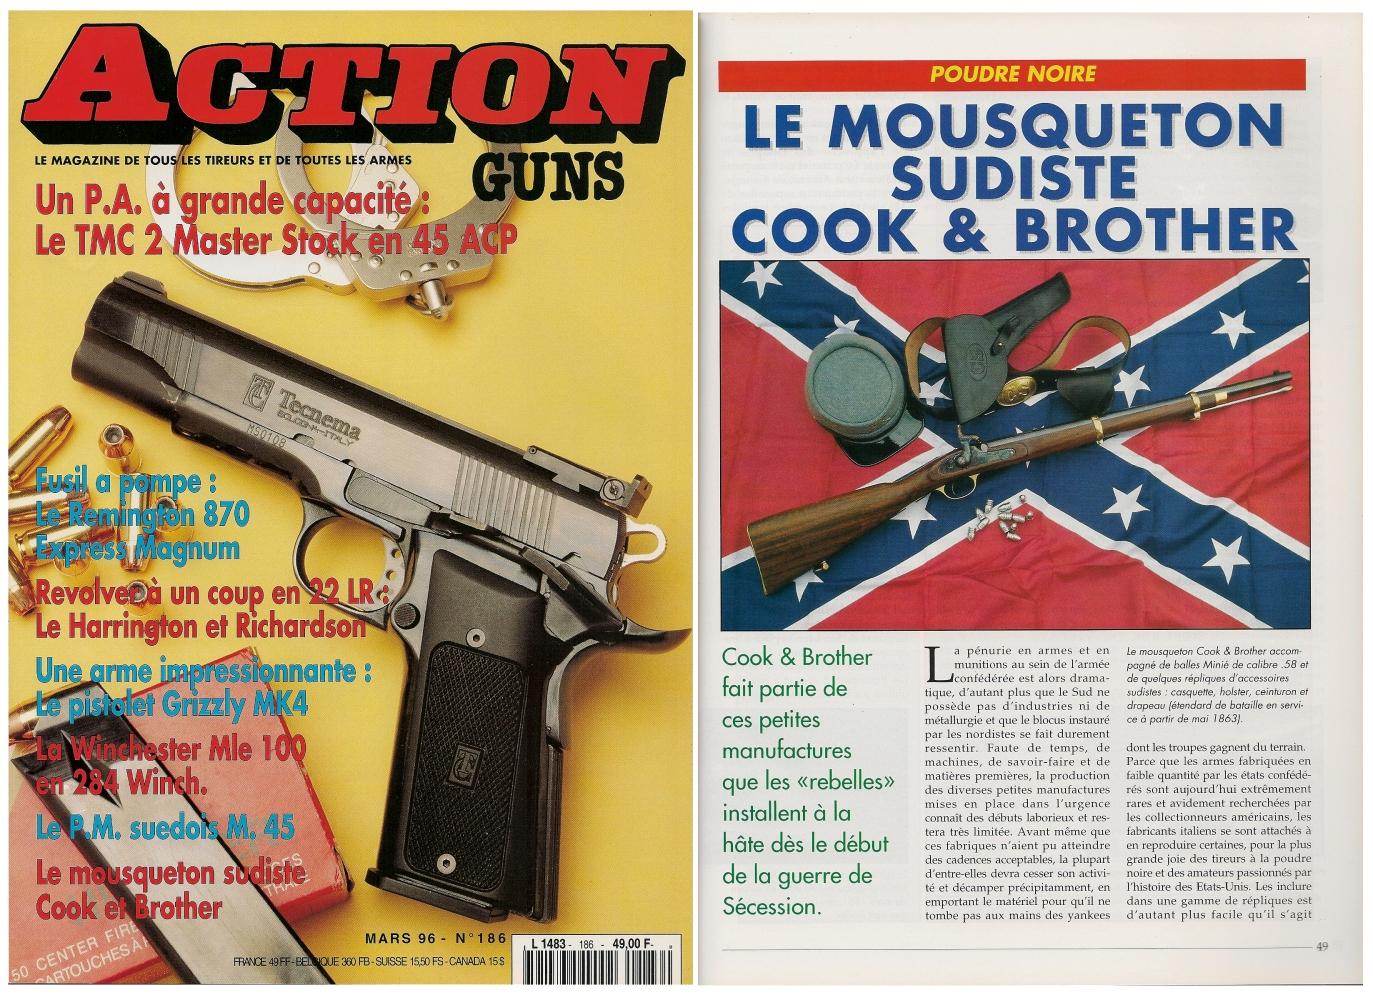 Le banc d'essai de la réplique du mousqueton Cook & Brother a été publié sur 5 pages dans le magazine Action Guns n° 186 (mars 1996).